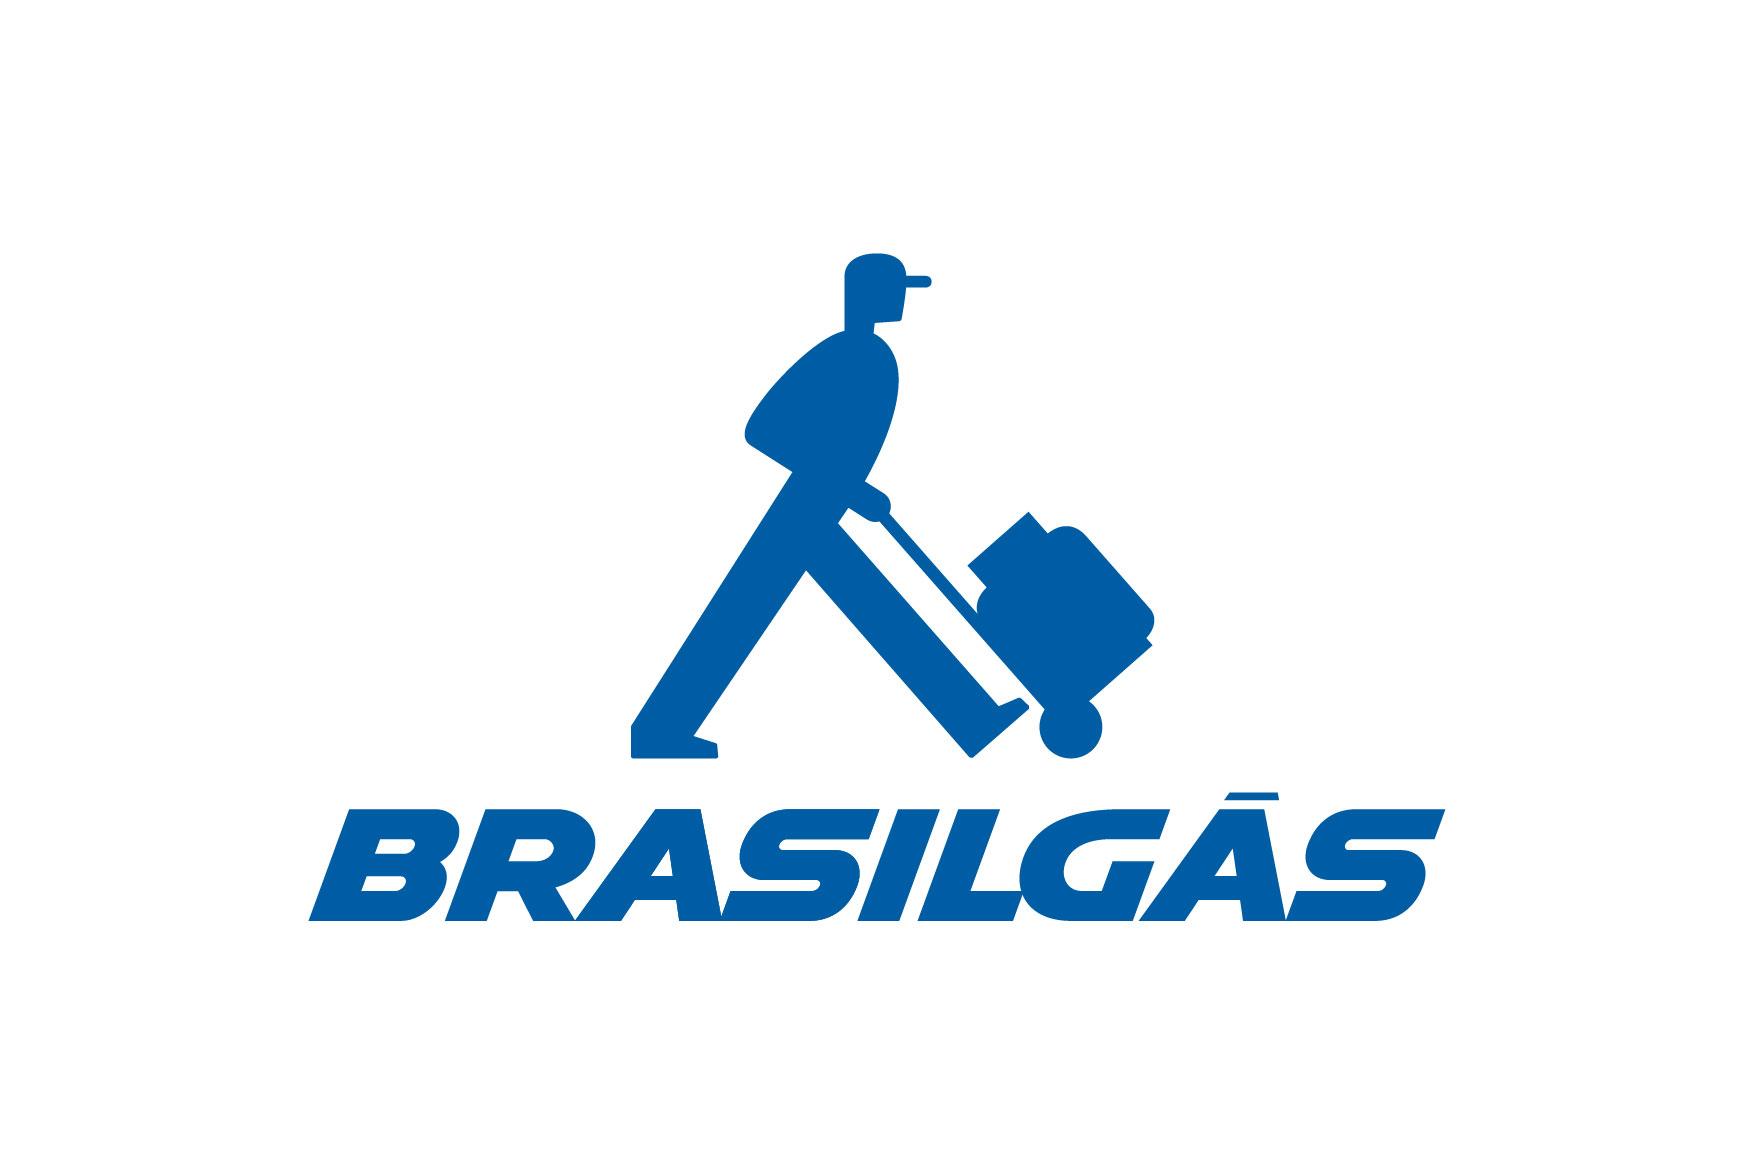 Résultats de recherche d'images pour «brasilgas marca»